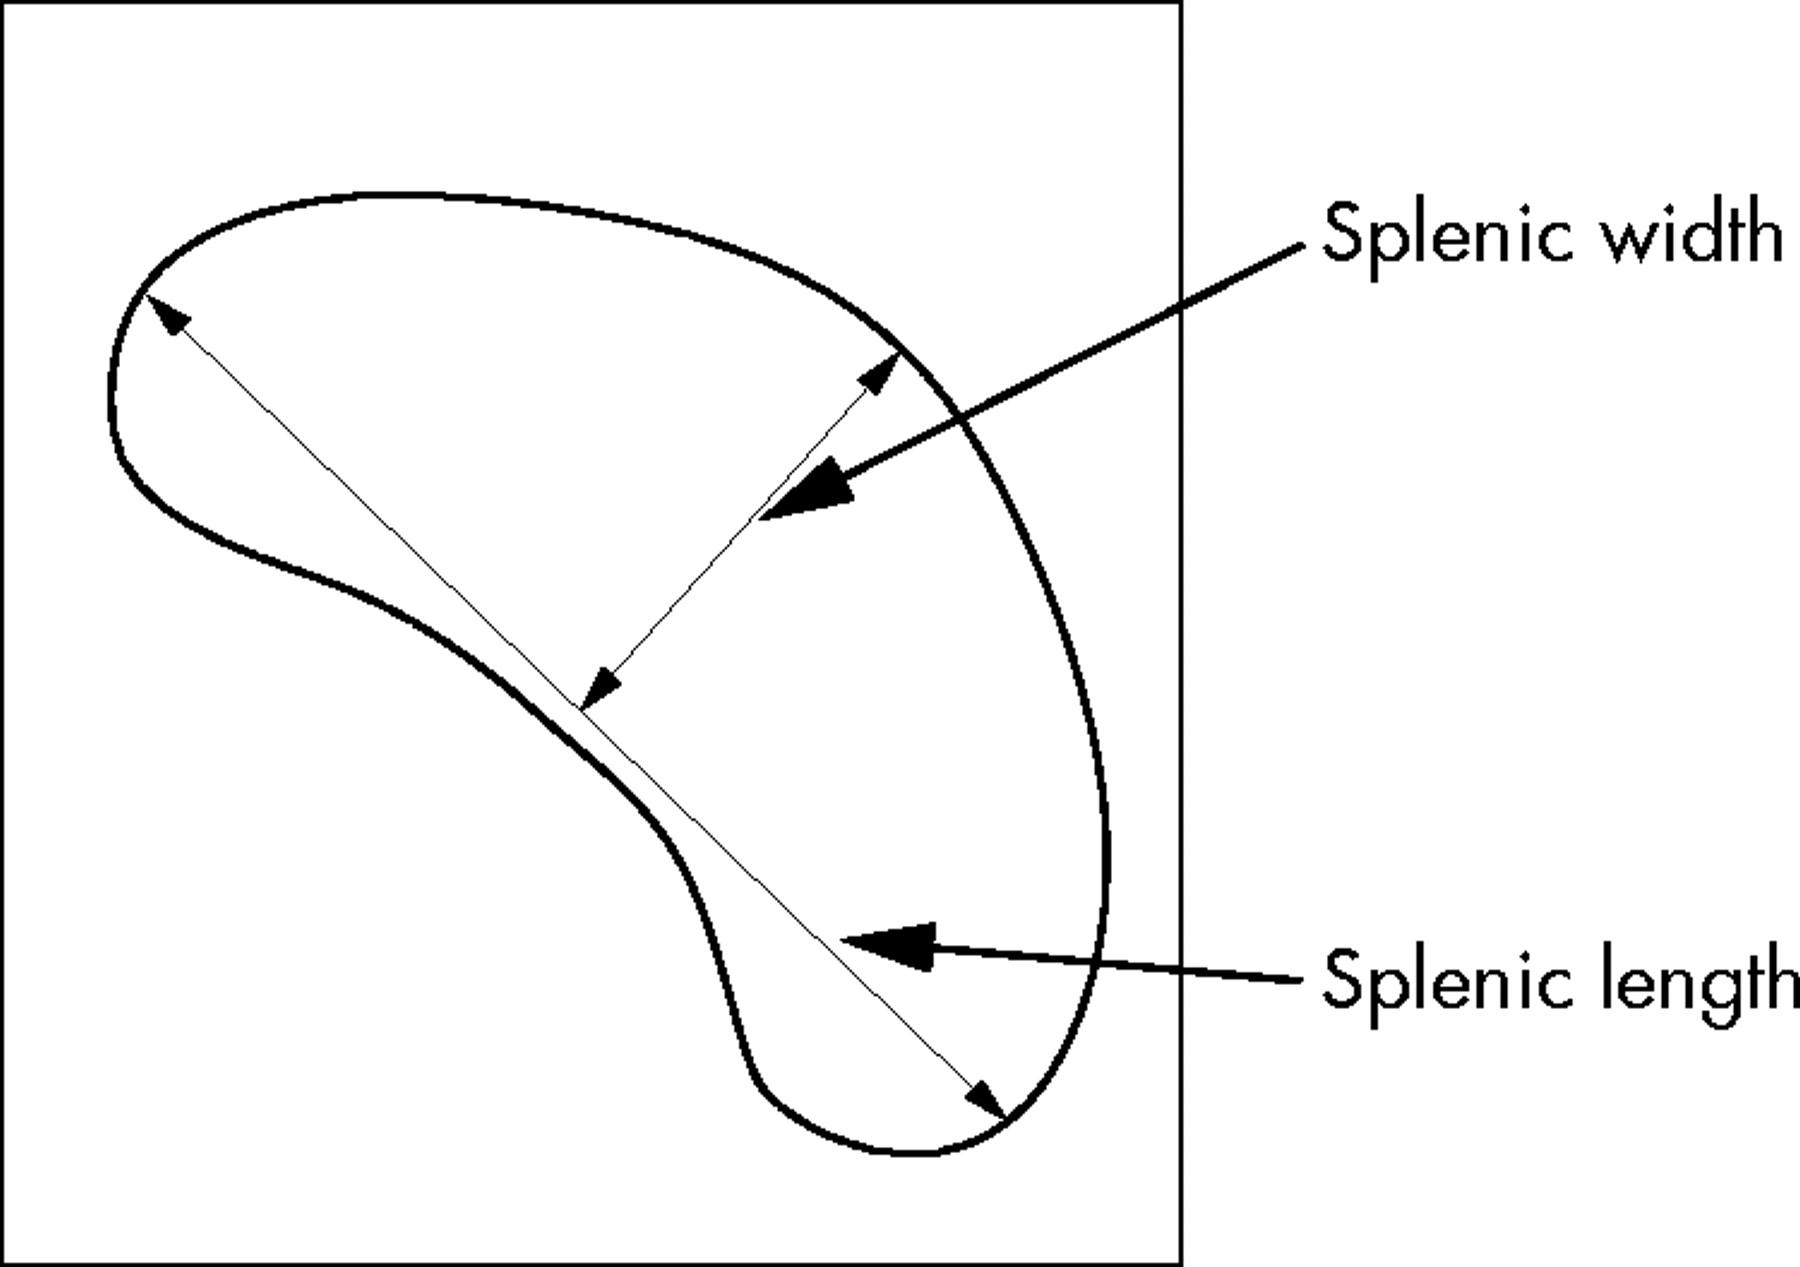 Ultrasound assessment of spleen size in collegiate